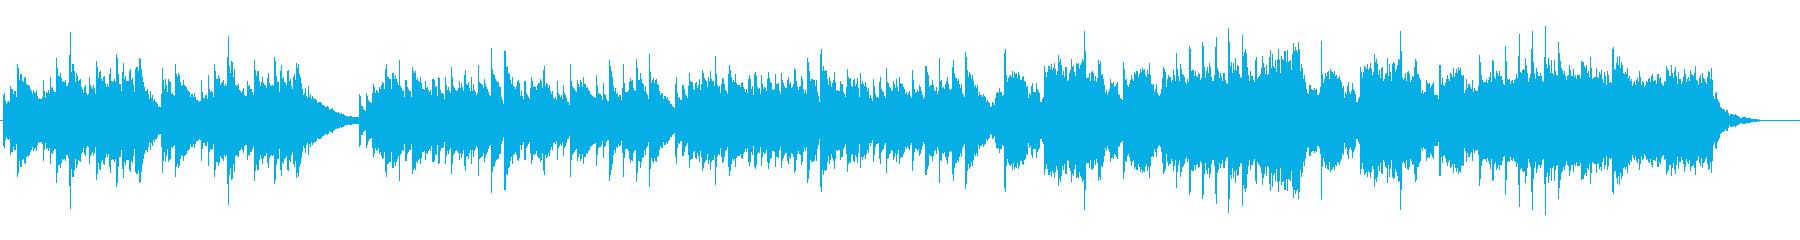 感動的なピアノとストリングスの再生済みの波形